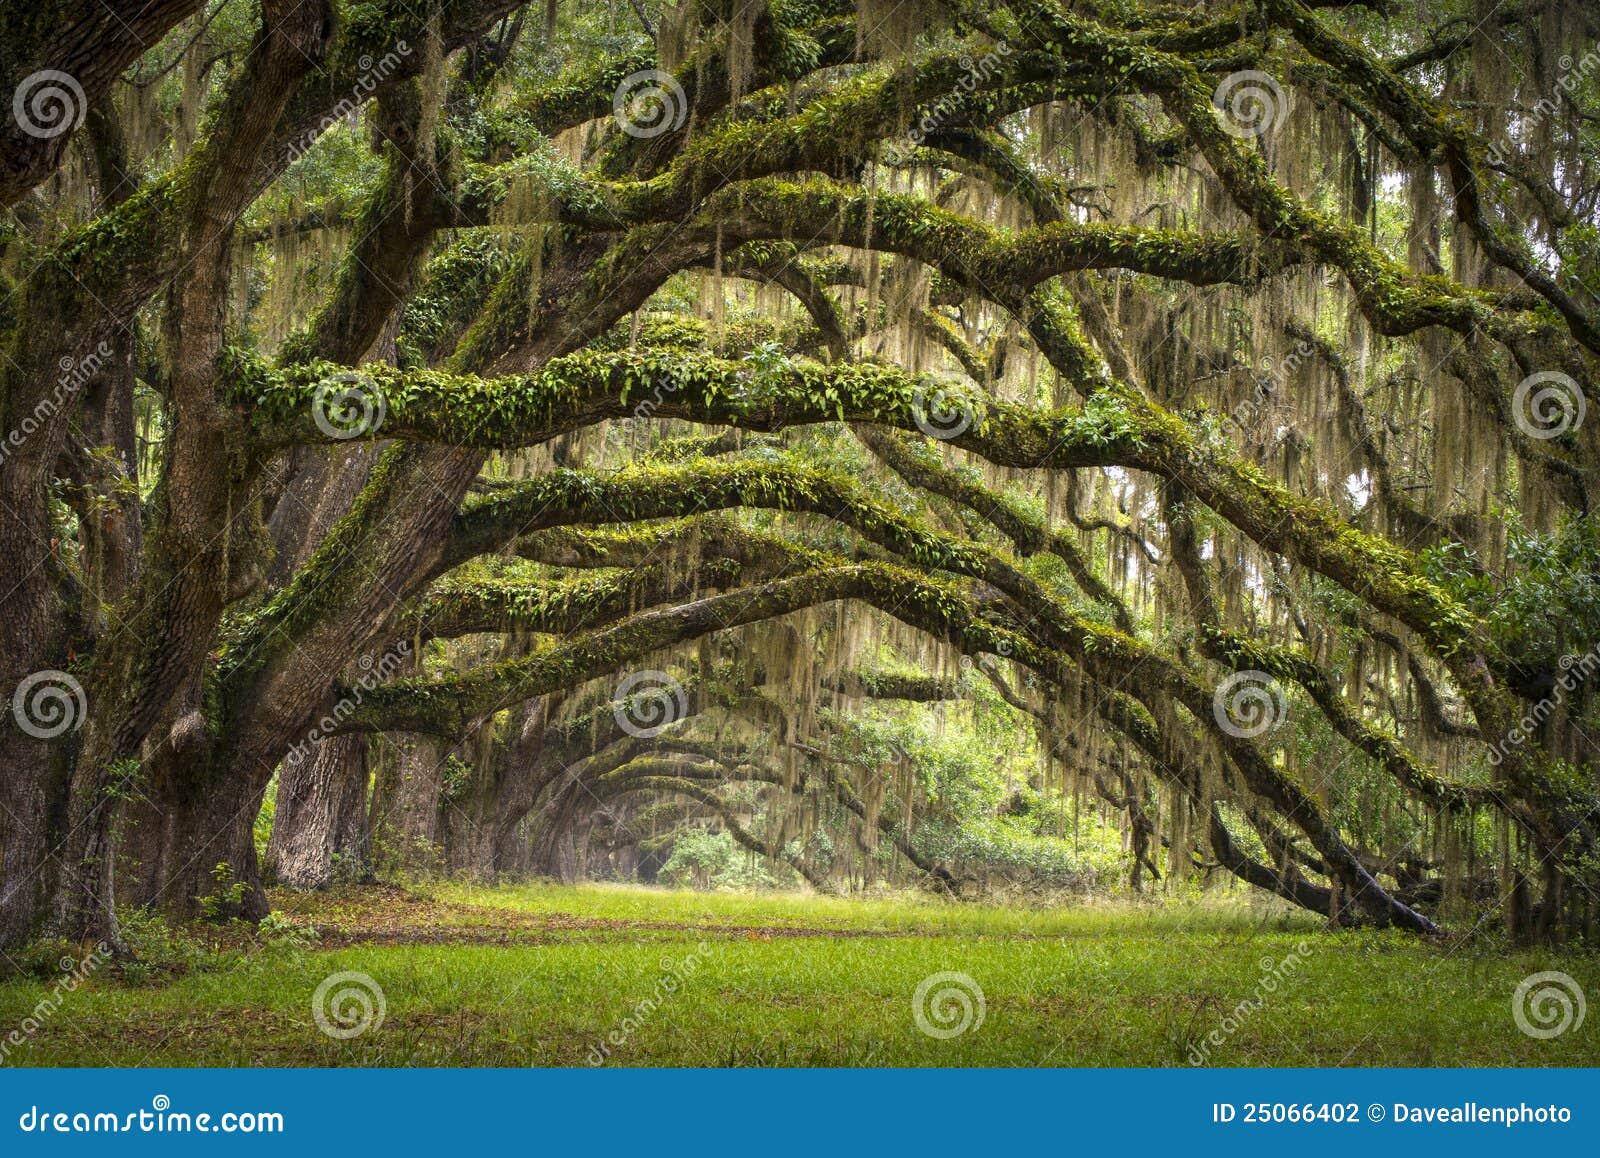 ζωντανό δρύινο δέντρο Sc φυτειών βαλανιδιών του Τσάρλεστον λεωφόρων